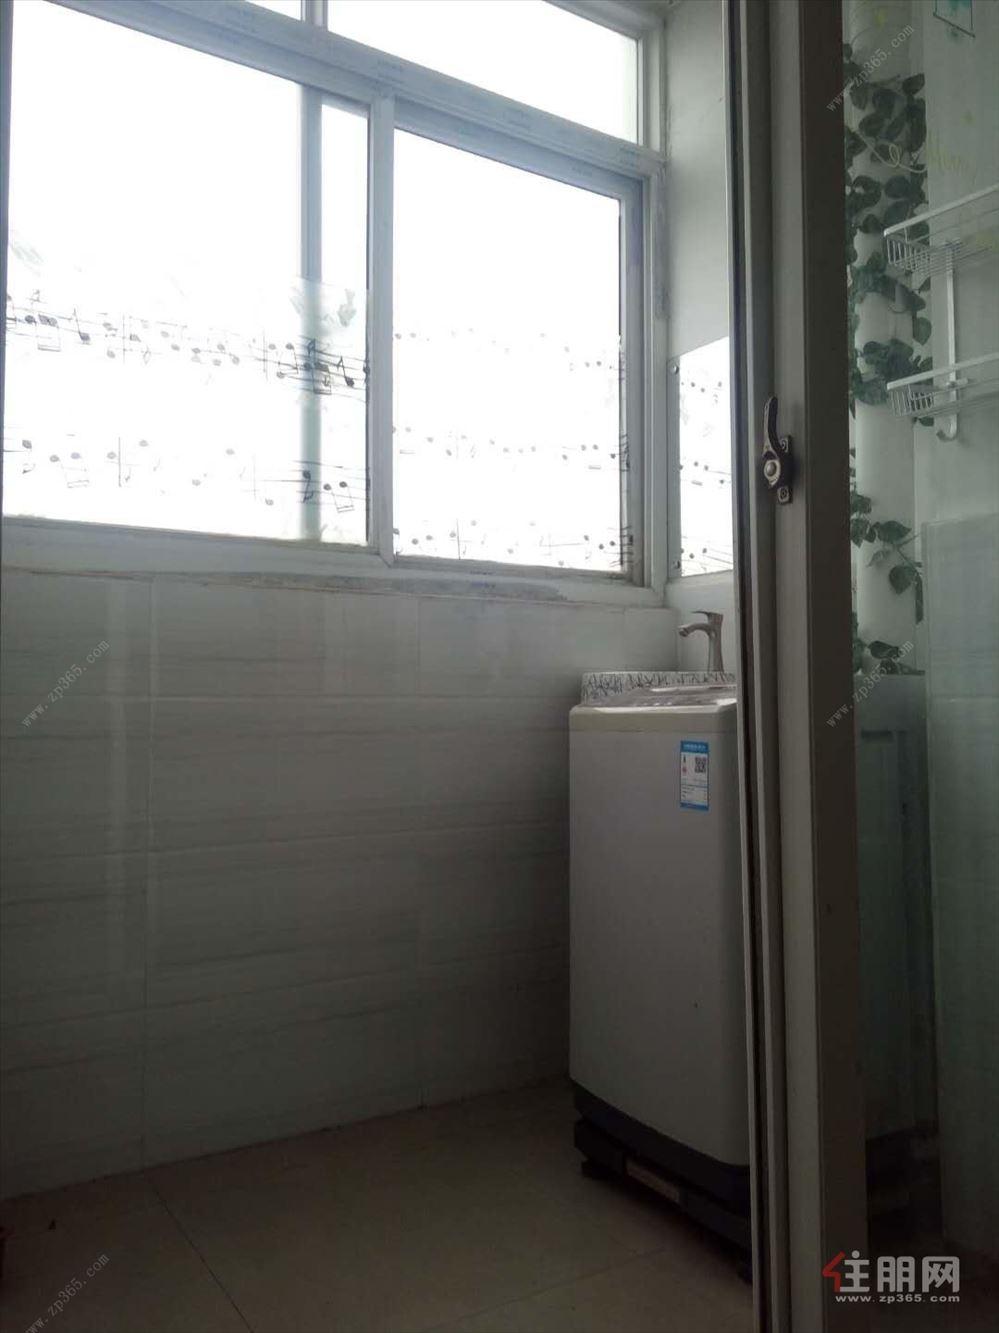 明秀路,18中 2号线地铁口  首付5万 租金抵月供 随时看房